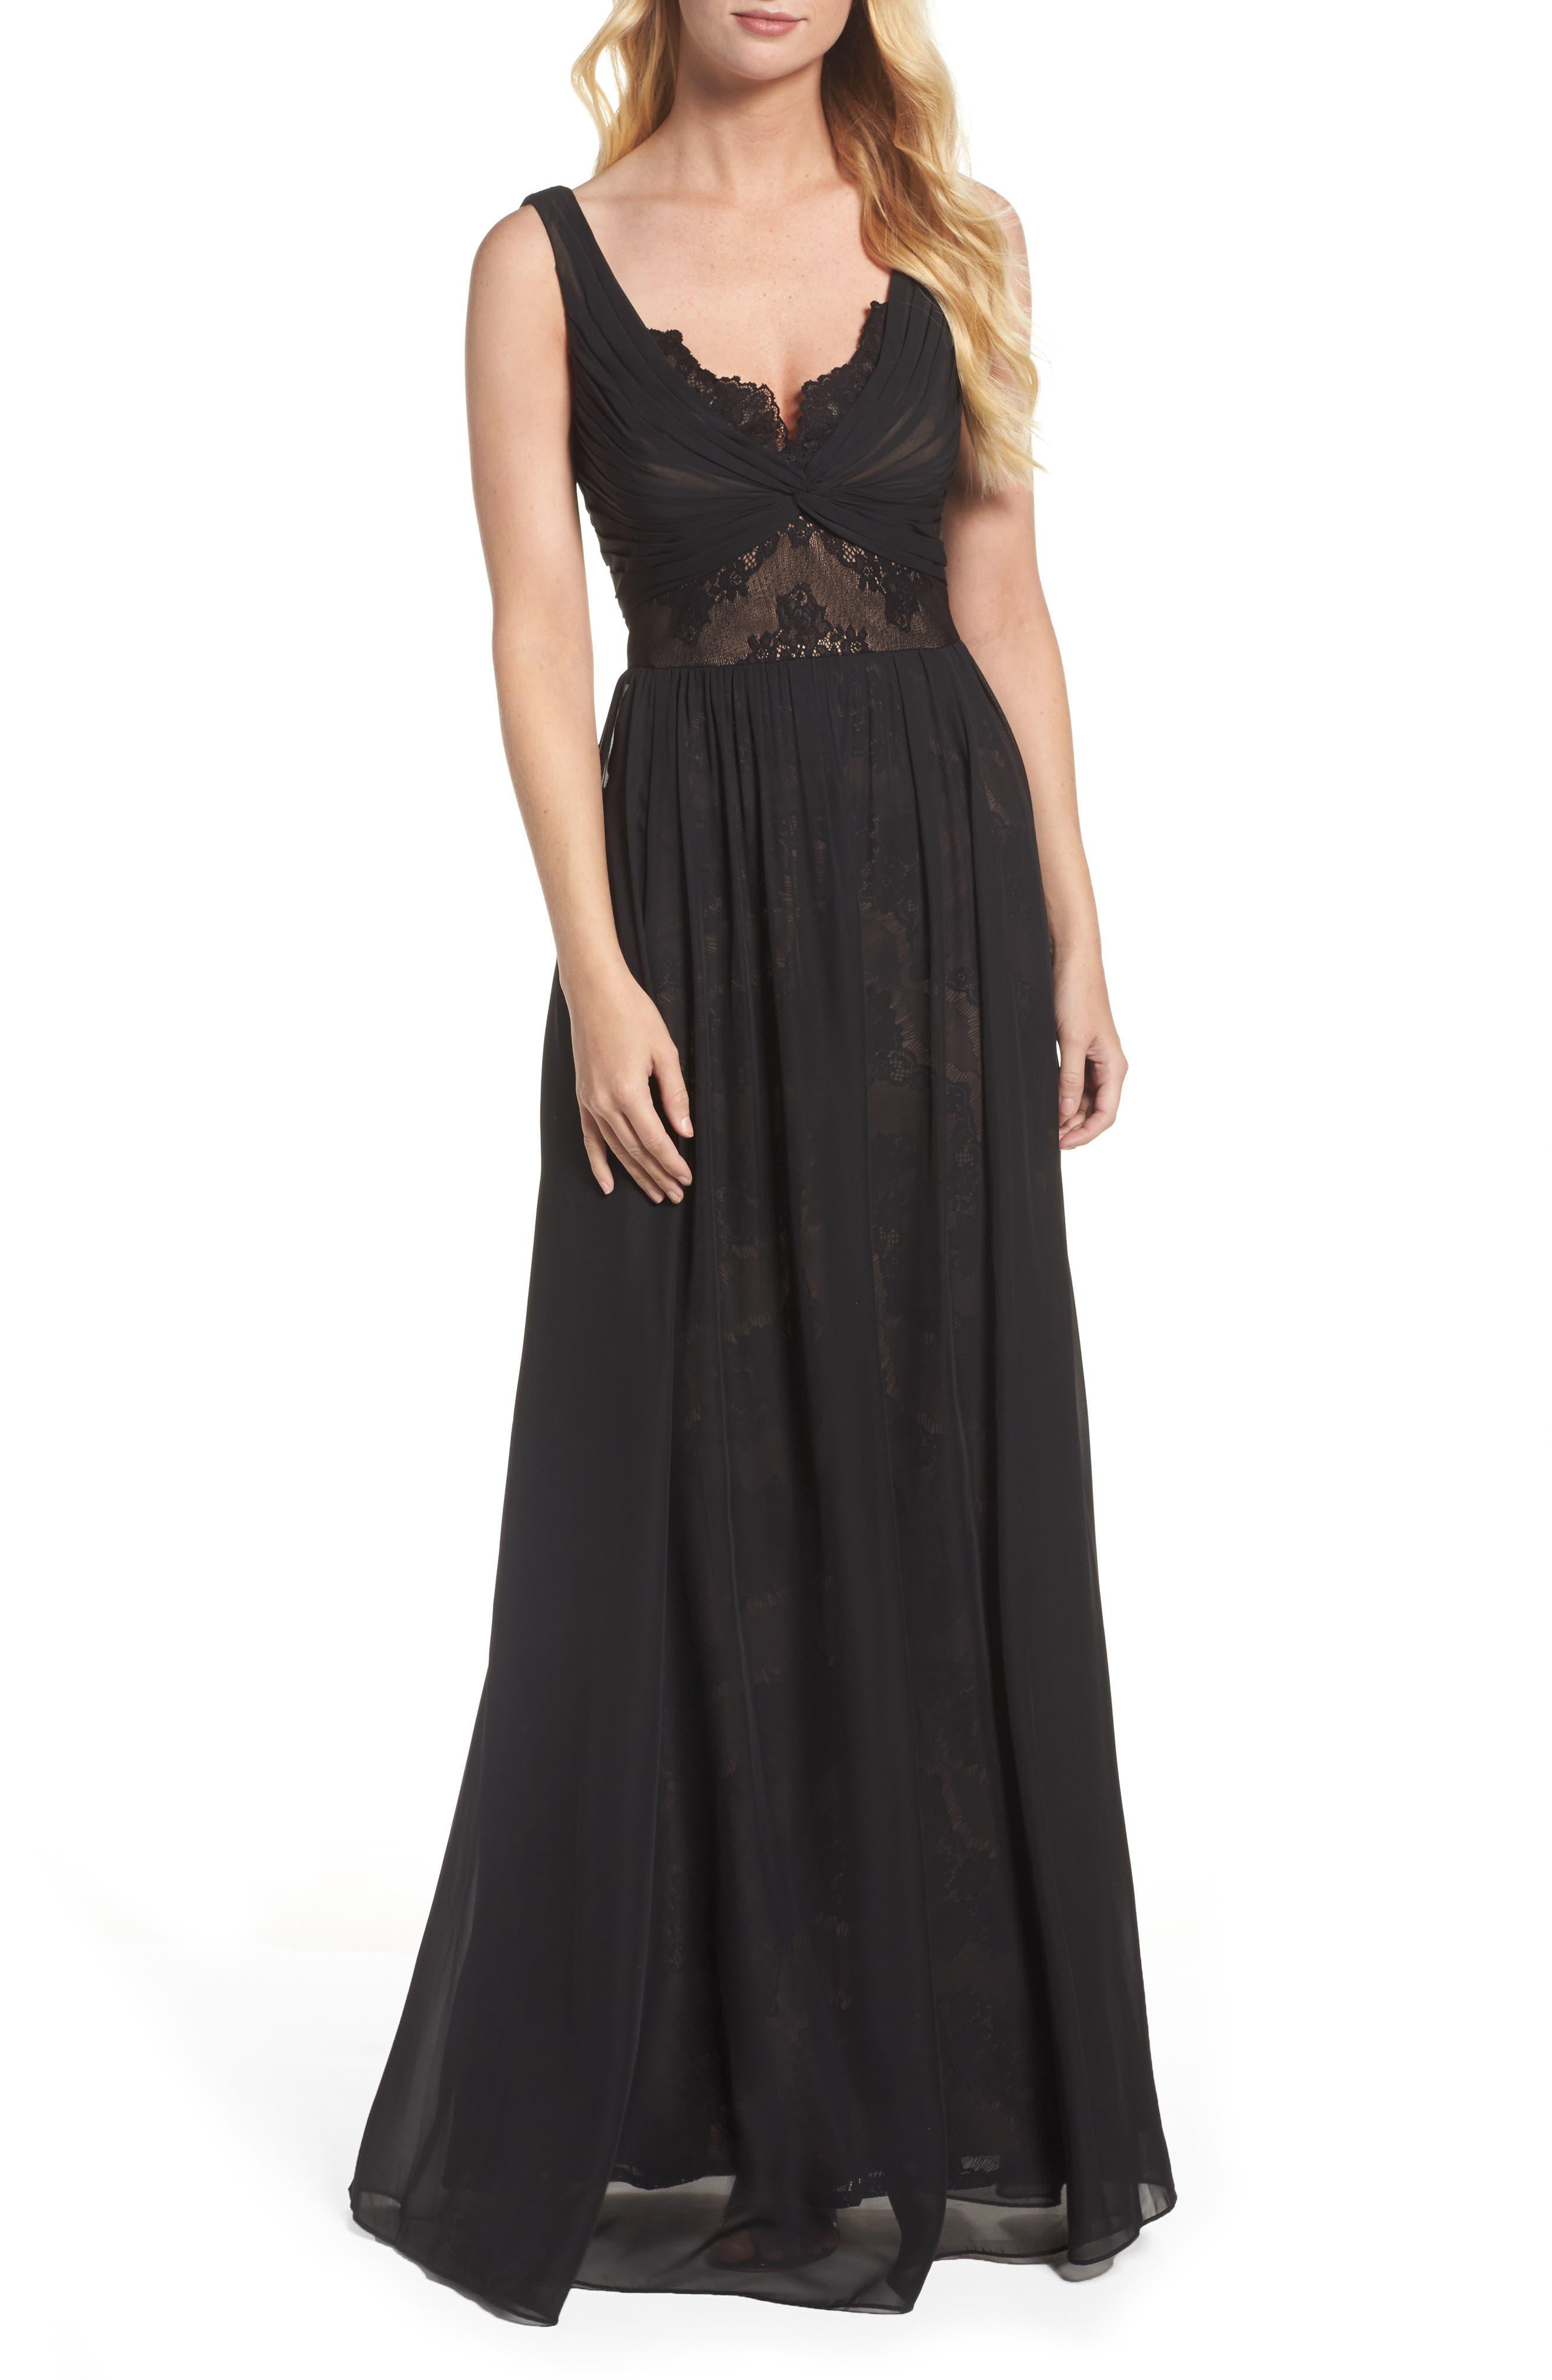 Lace Detail Gown,                             Main thumbnail 1, color,                             001